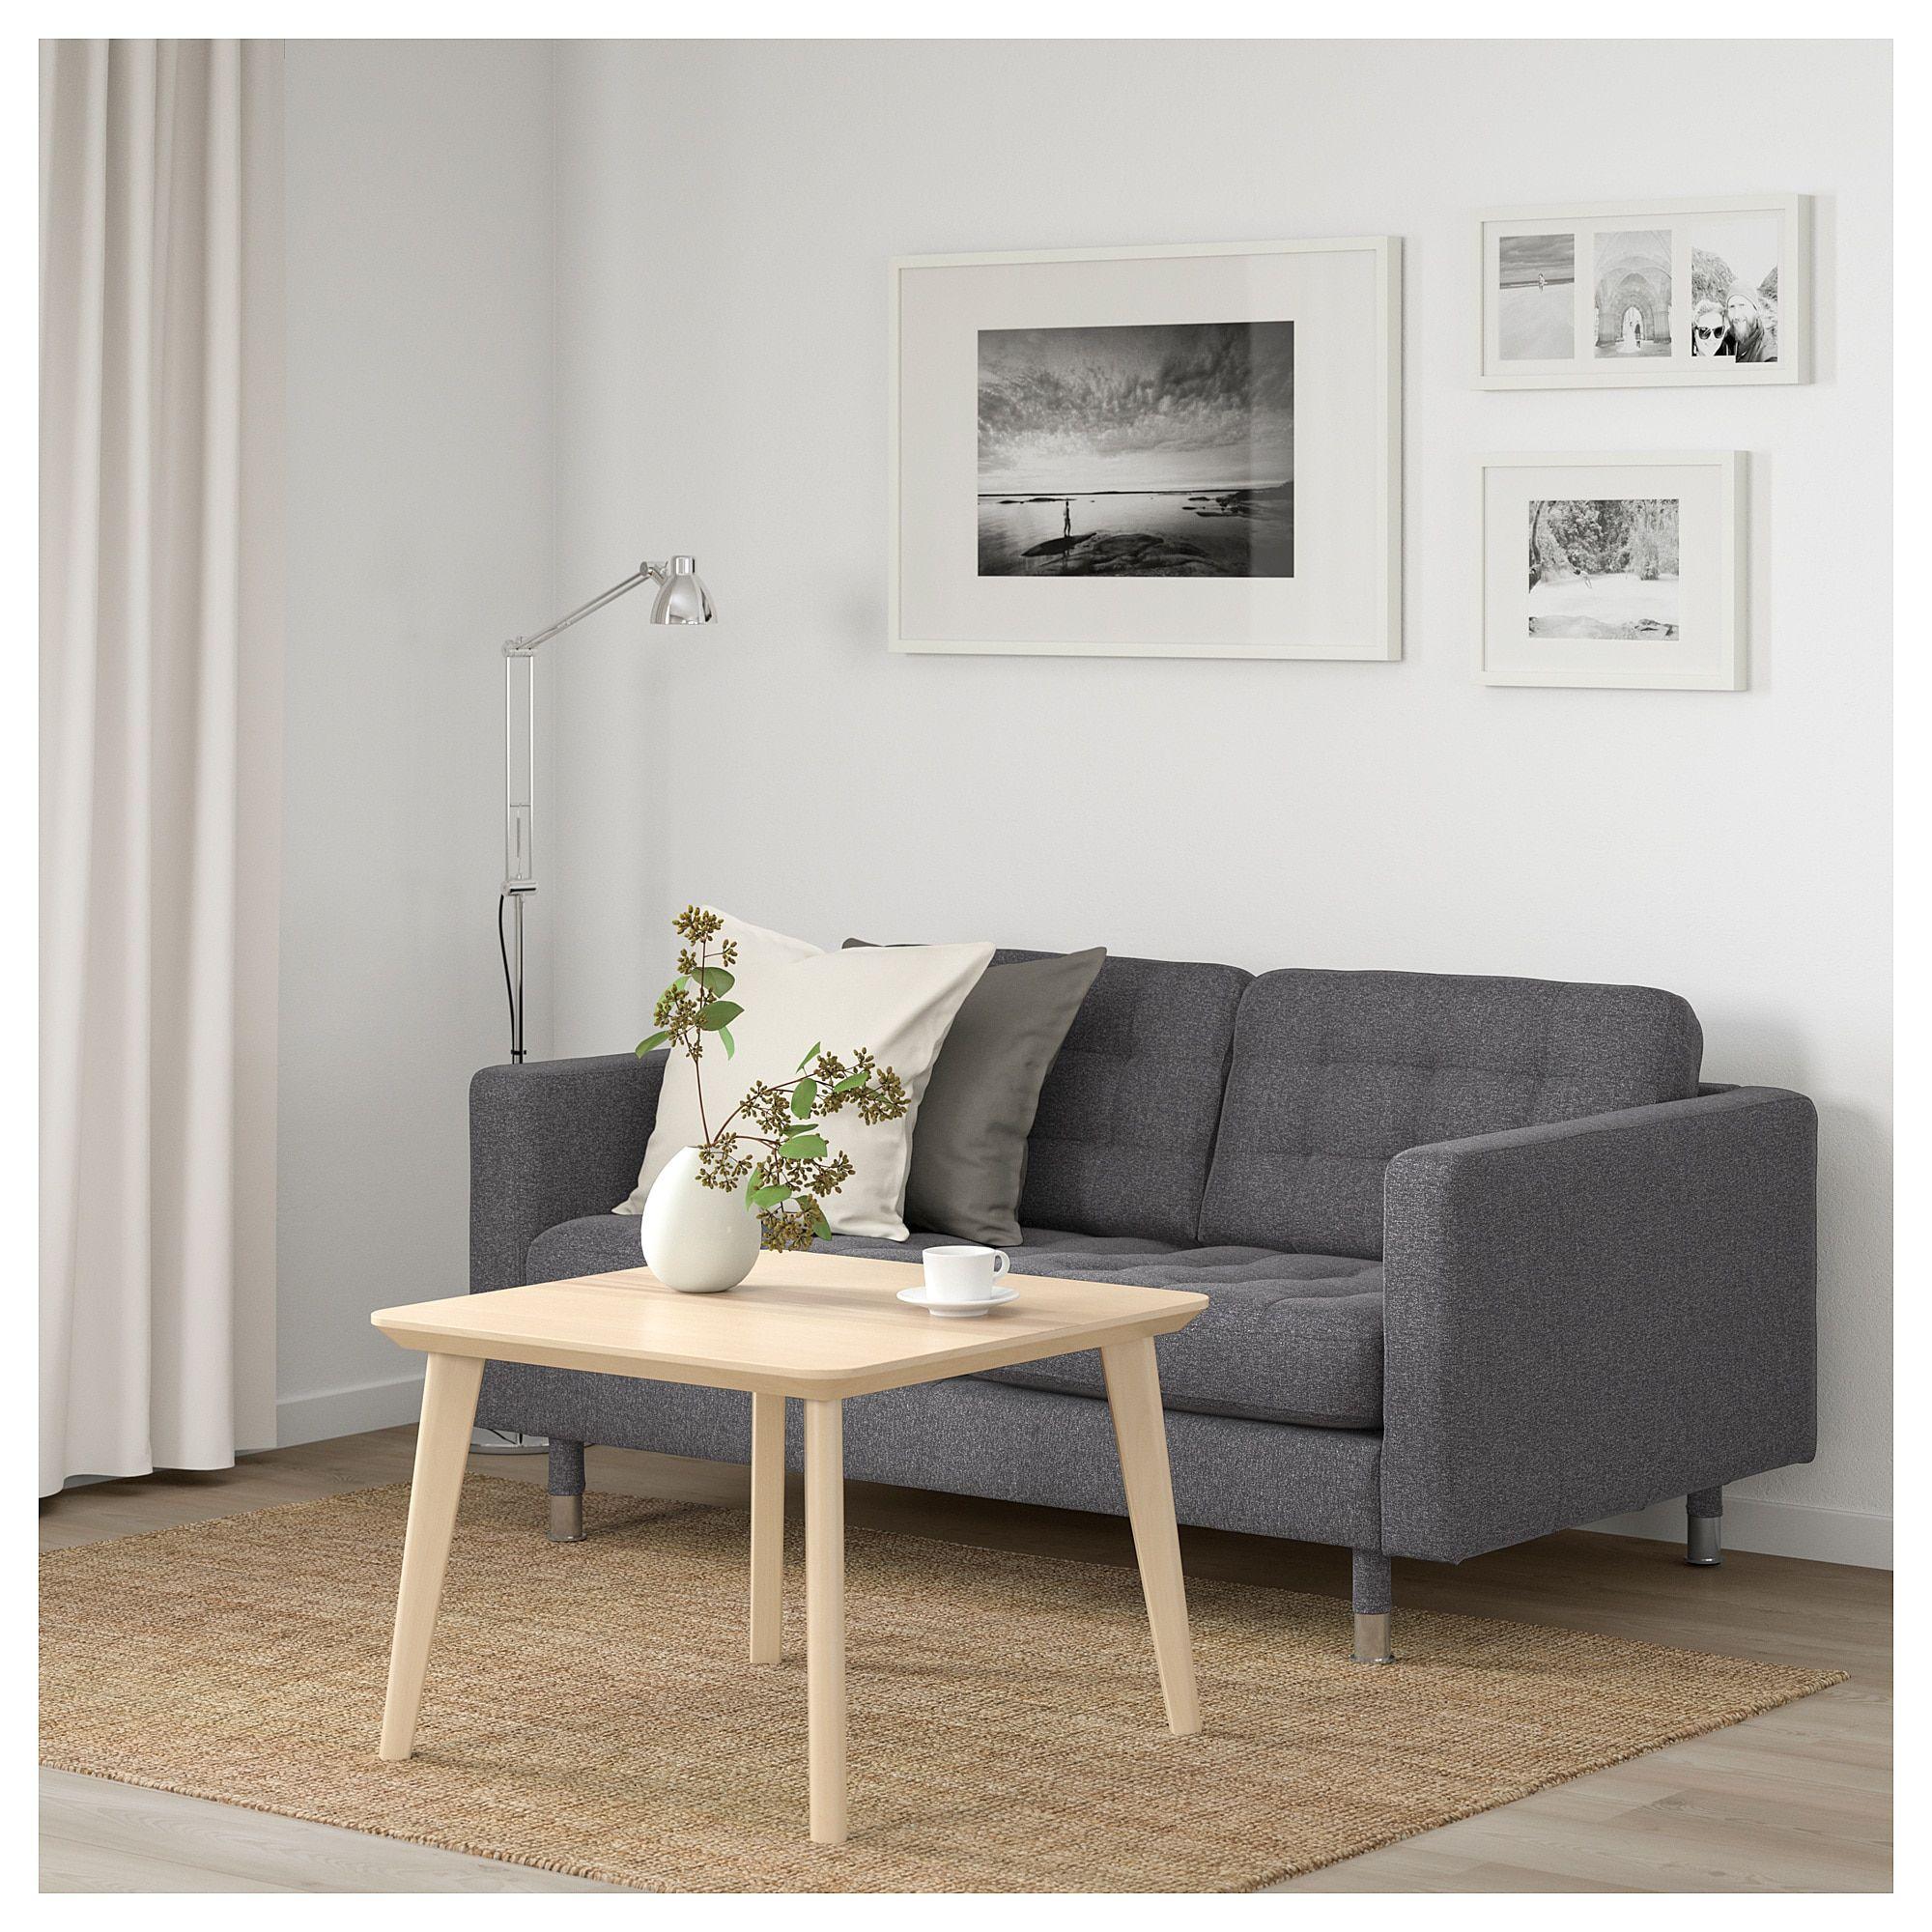 Furniture Home Furnishings Find Your Inspiration Black Living Room Decor Landskrona Sofa Black Living Room